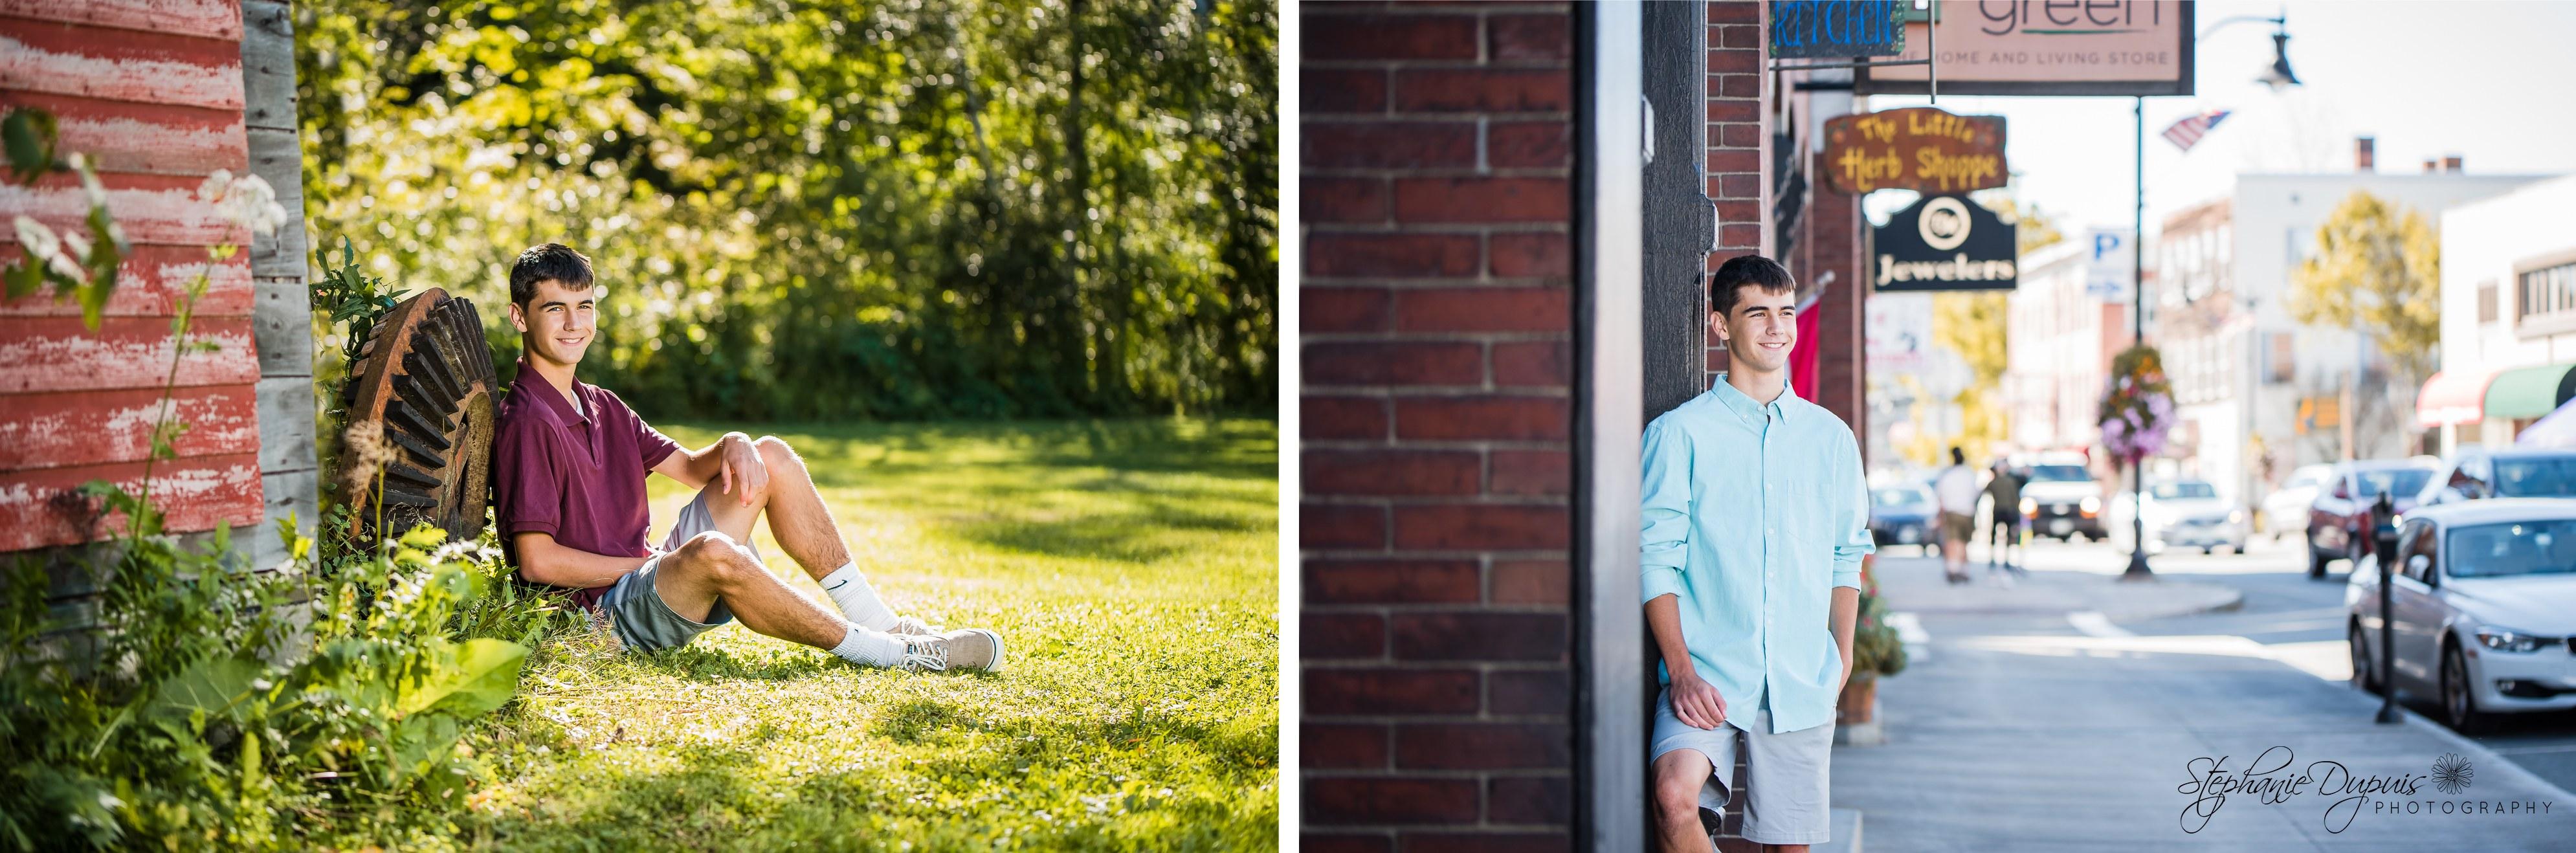 Landon Bromley Double Landscape 1 - Portfolio: Landon HS Senior Session